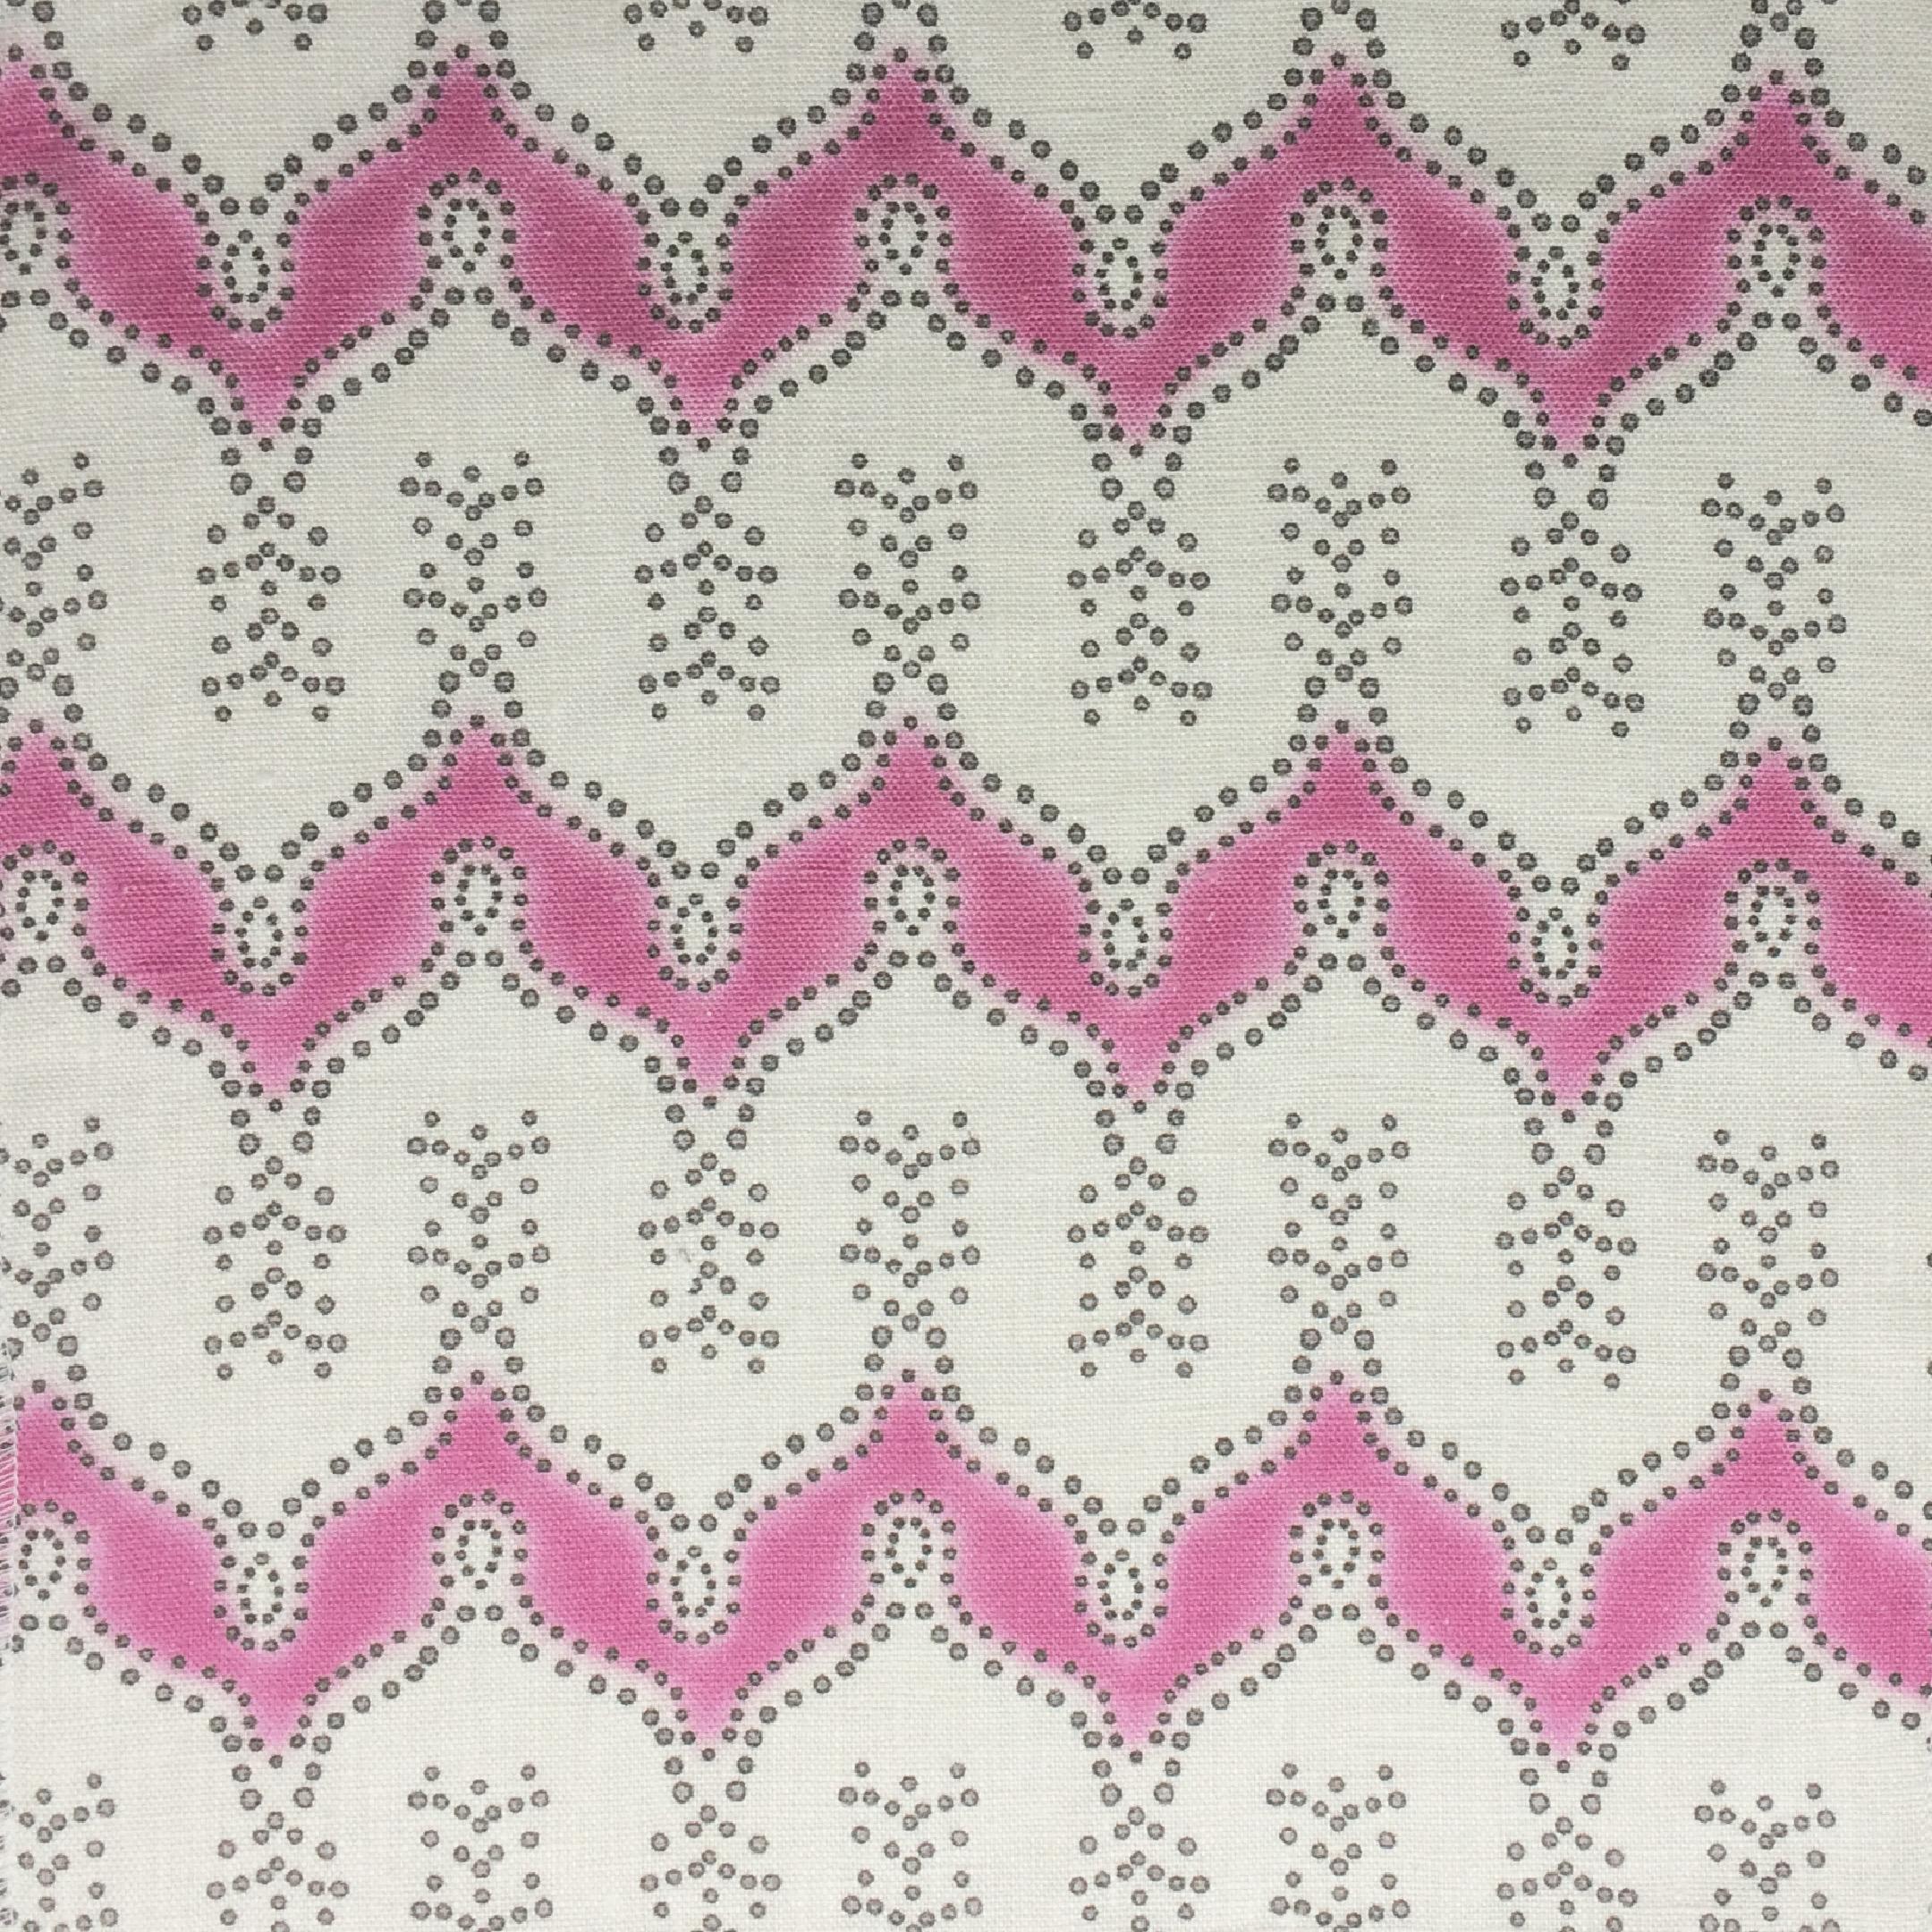 Marrakech: Pink